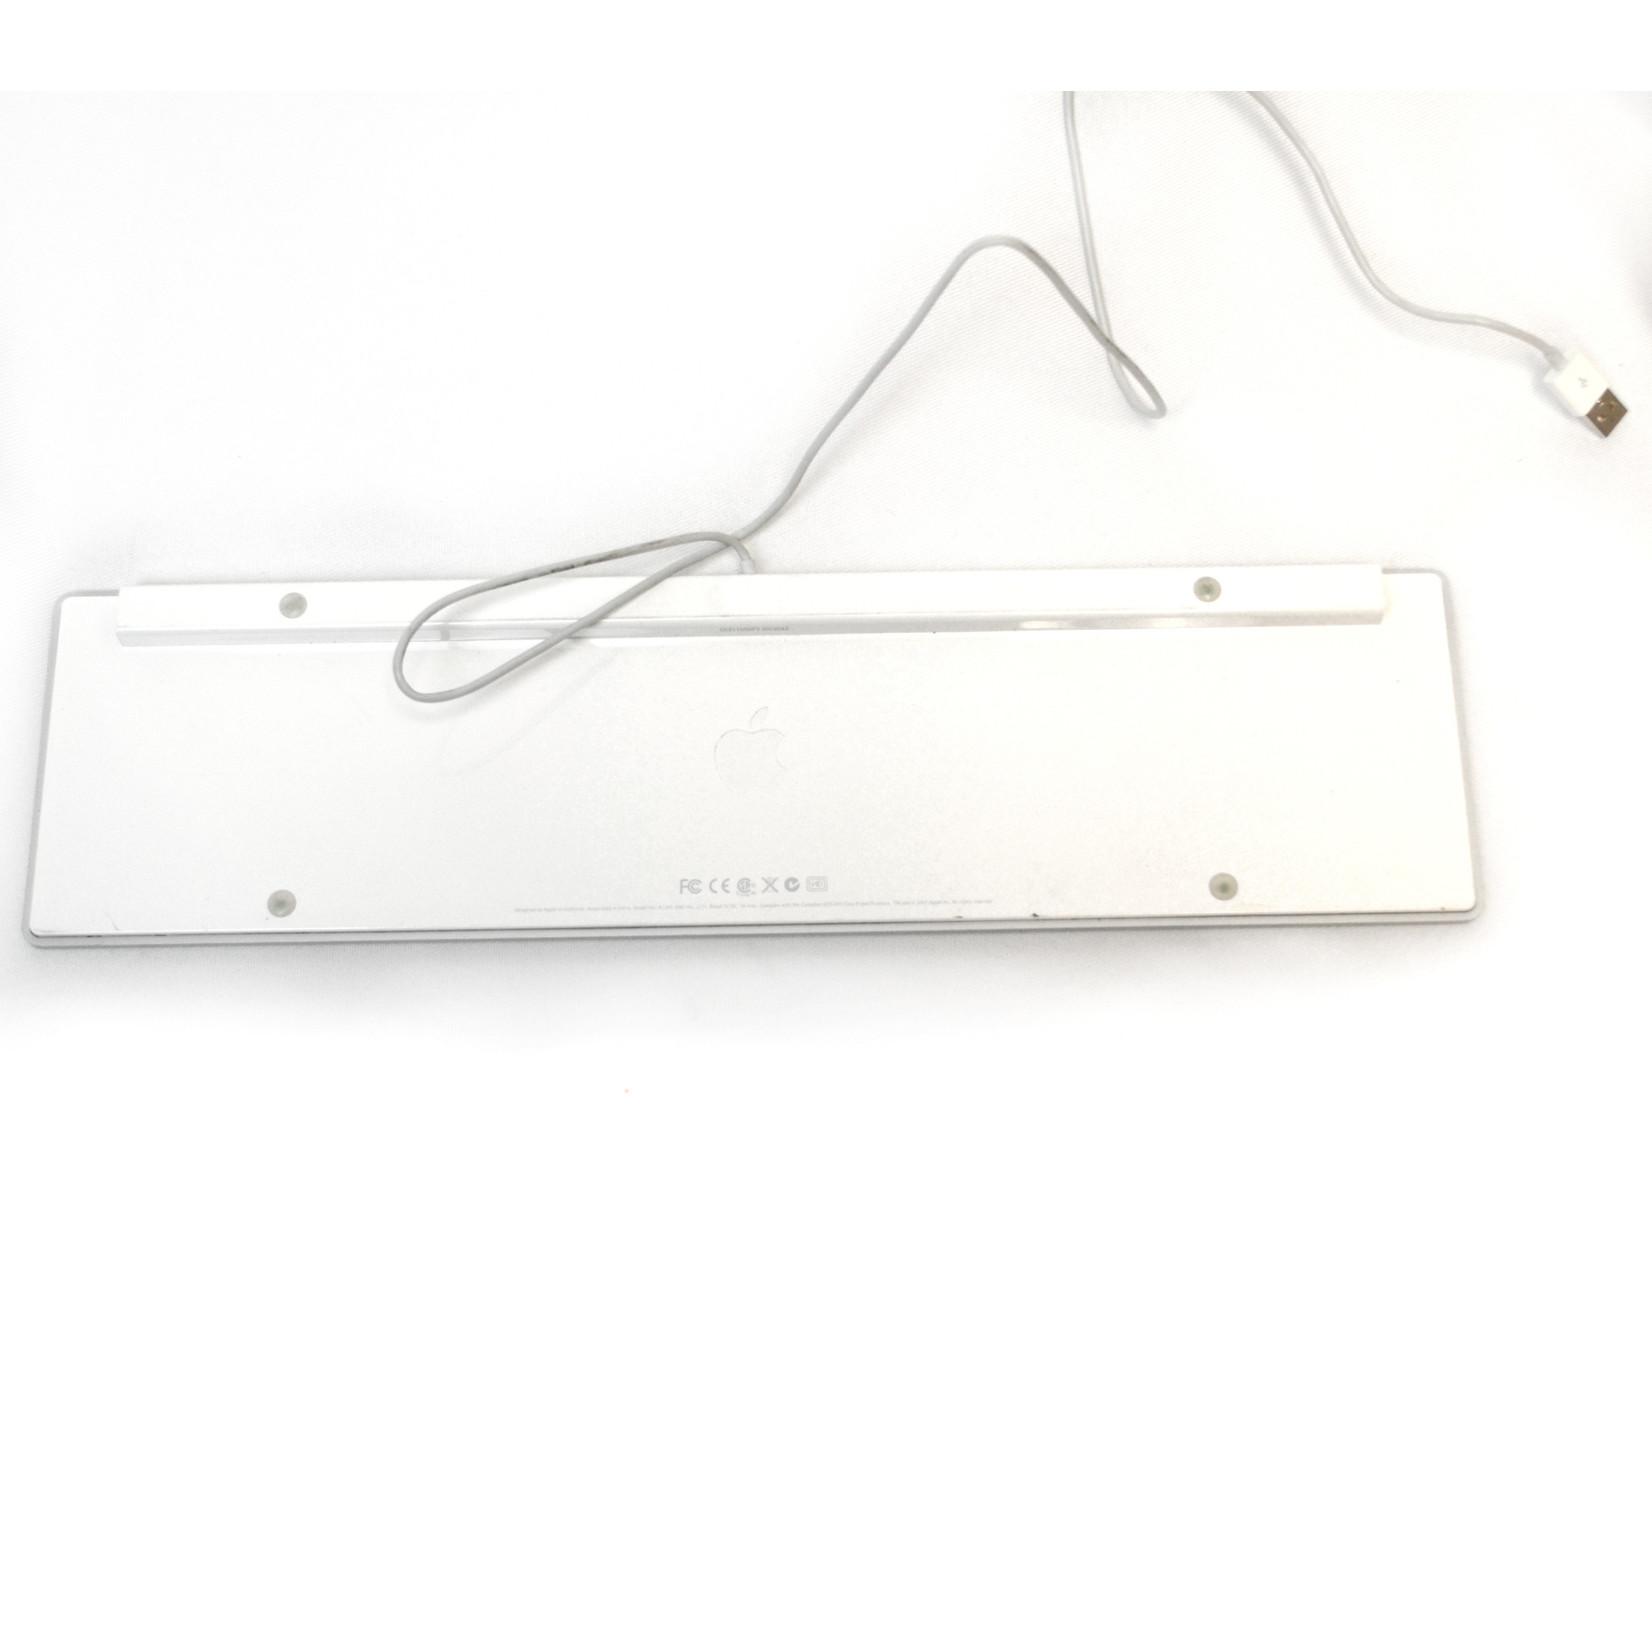 Apple Keyboard(Used)